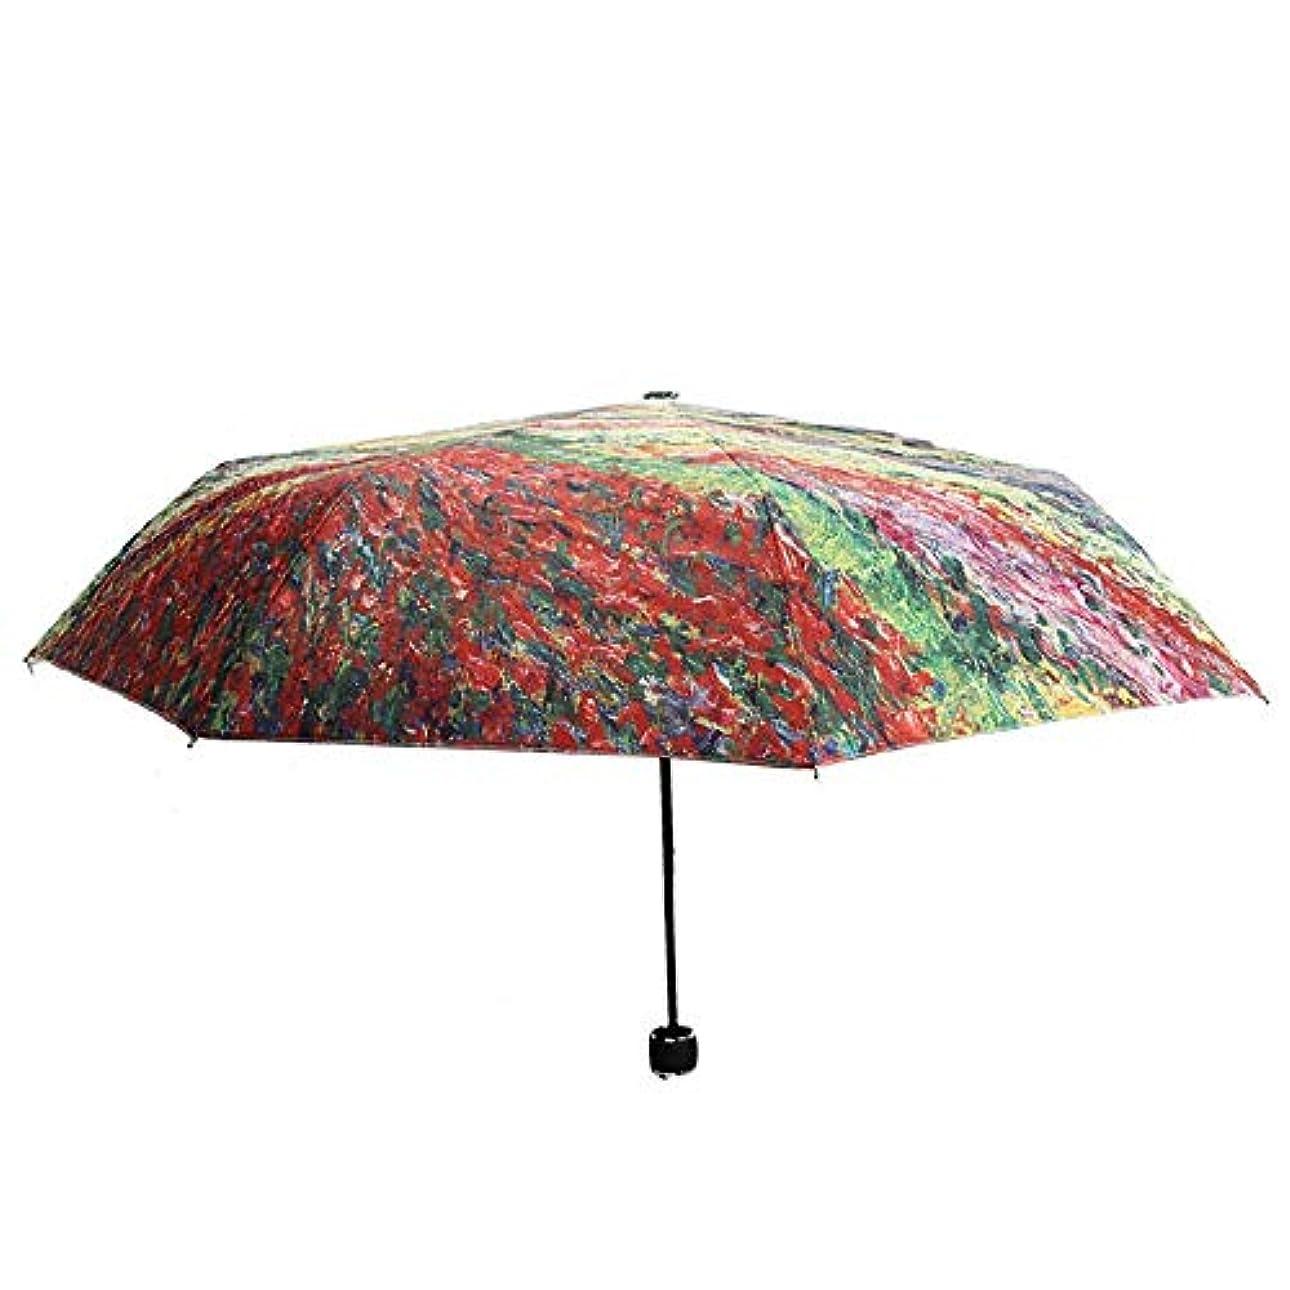 合計飽和するなかなかOpliy 屋外の太陽の傘折りたたみ傘太陽の保護傘30%シルバーグルー風車パターン 品質保証